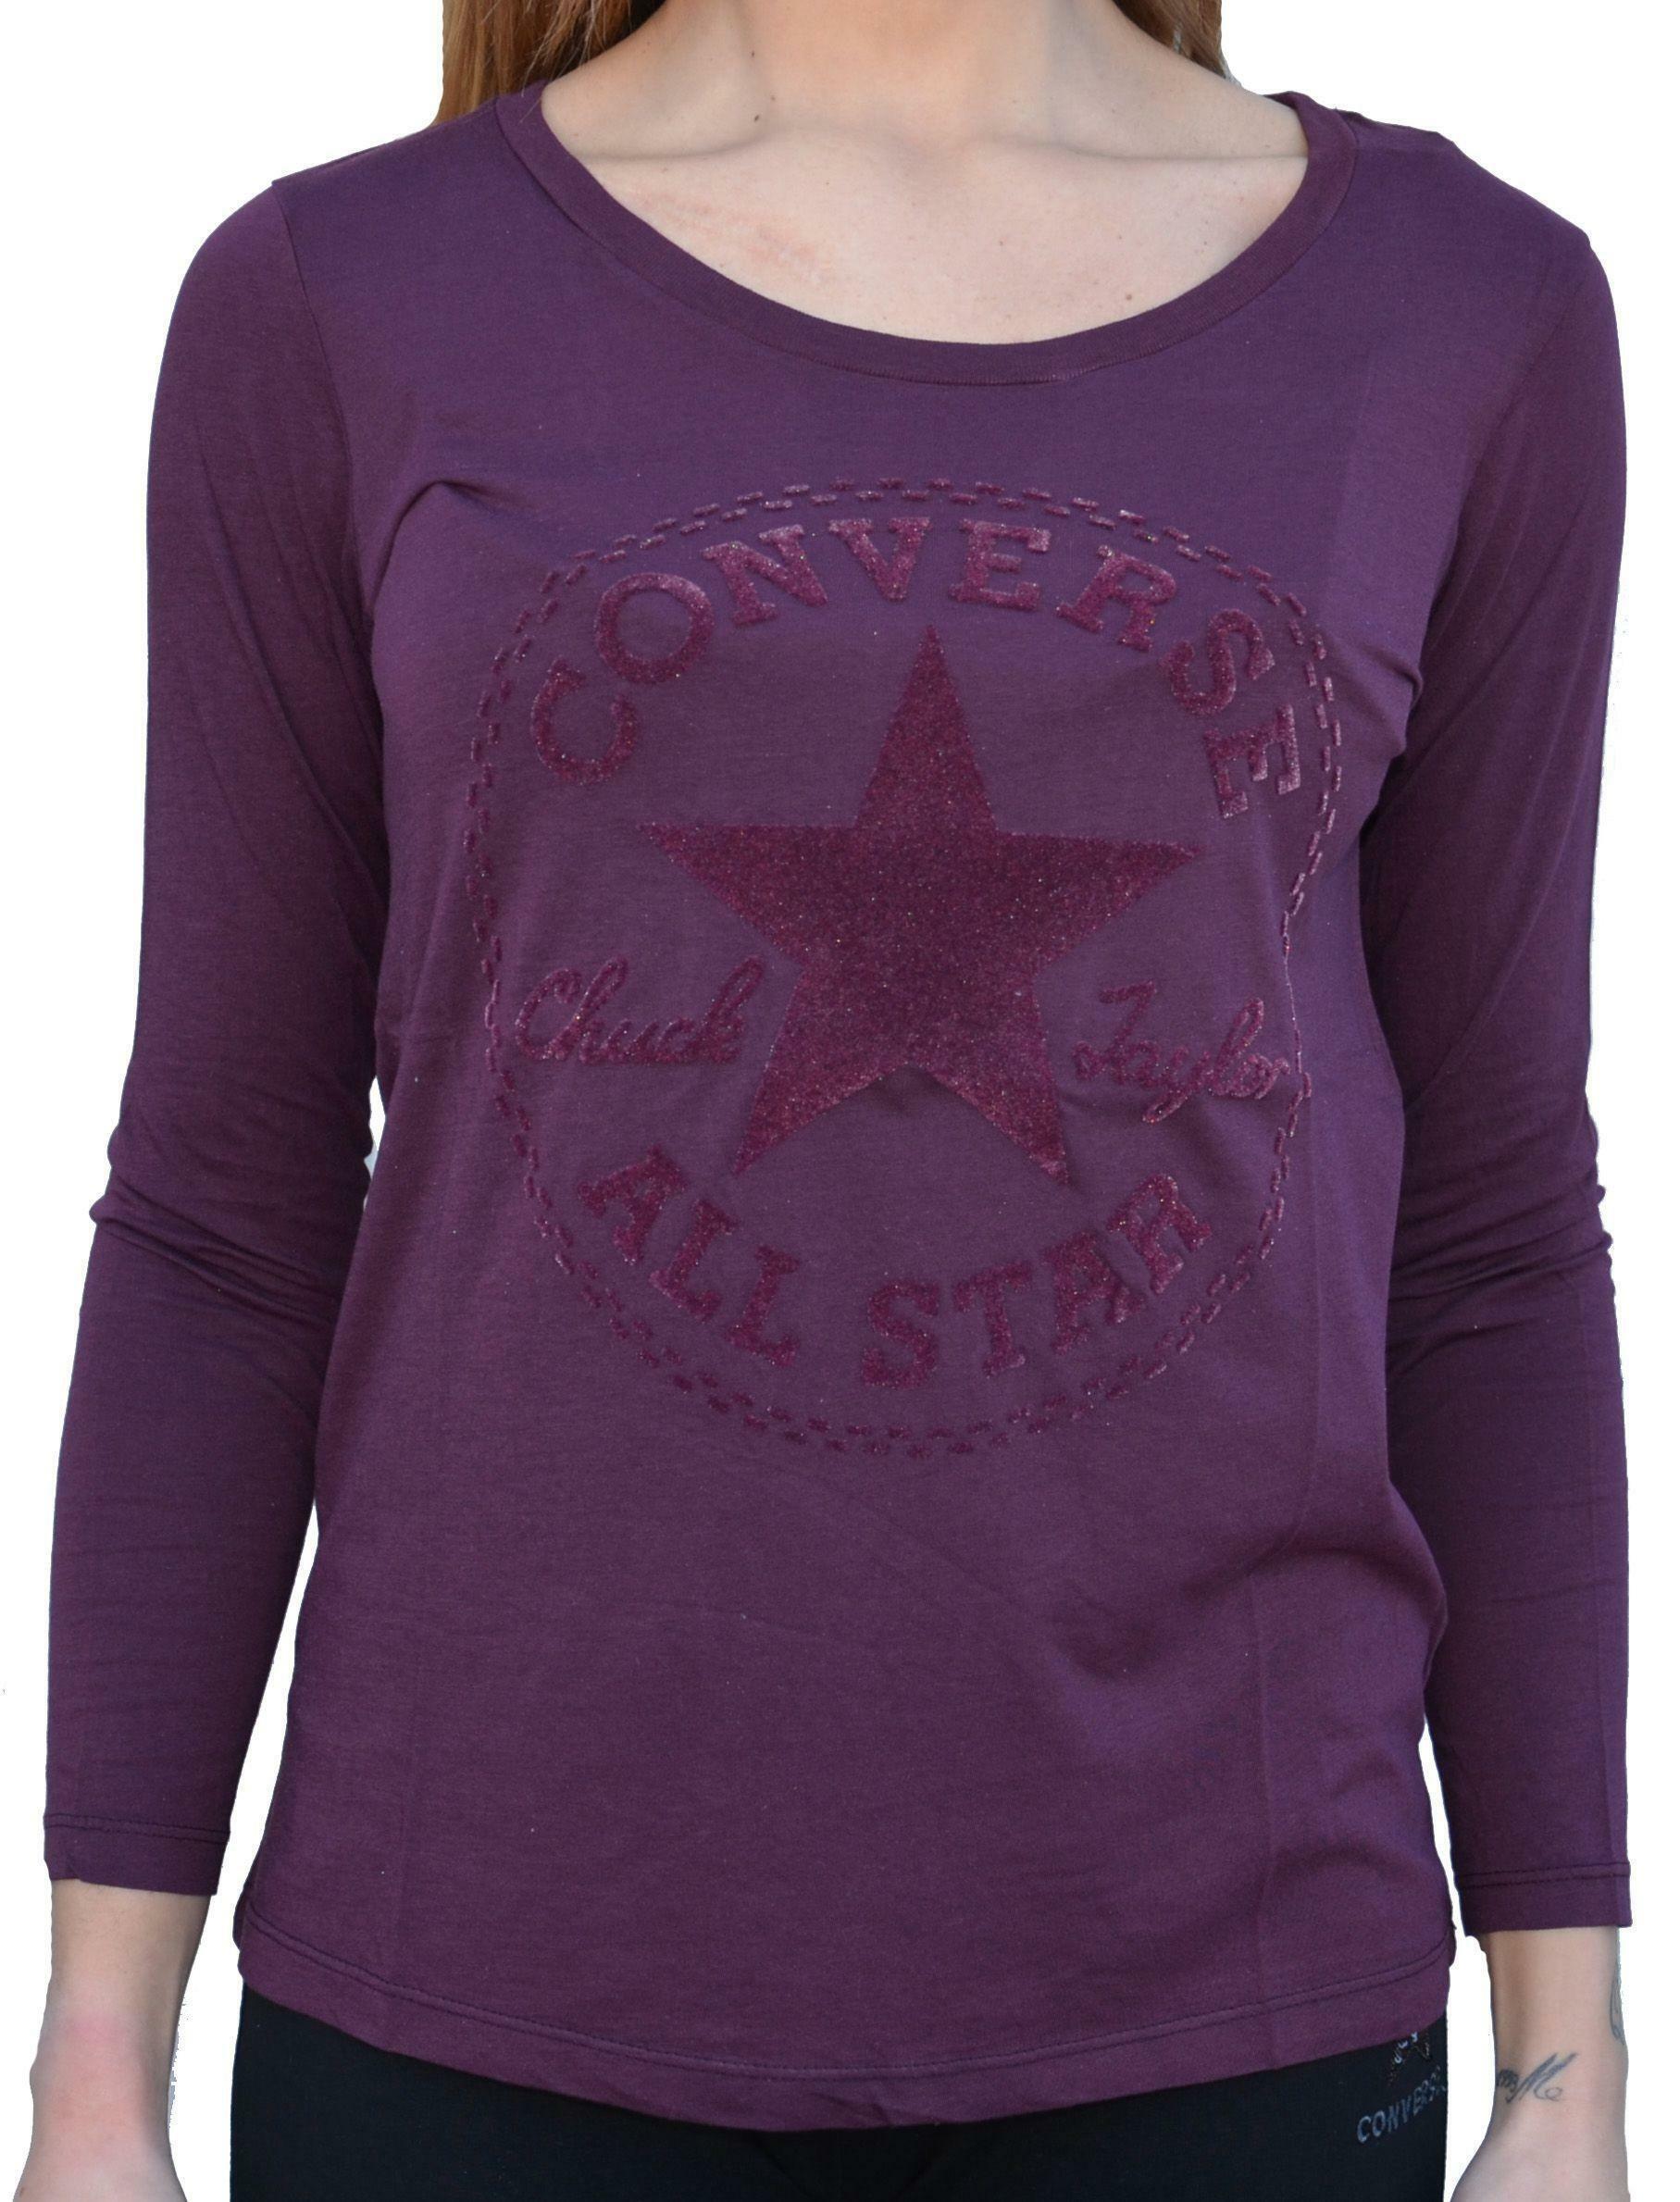 converse converse t-shirt maniche lunghe donna viola